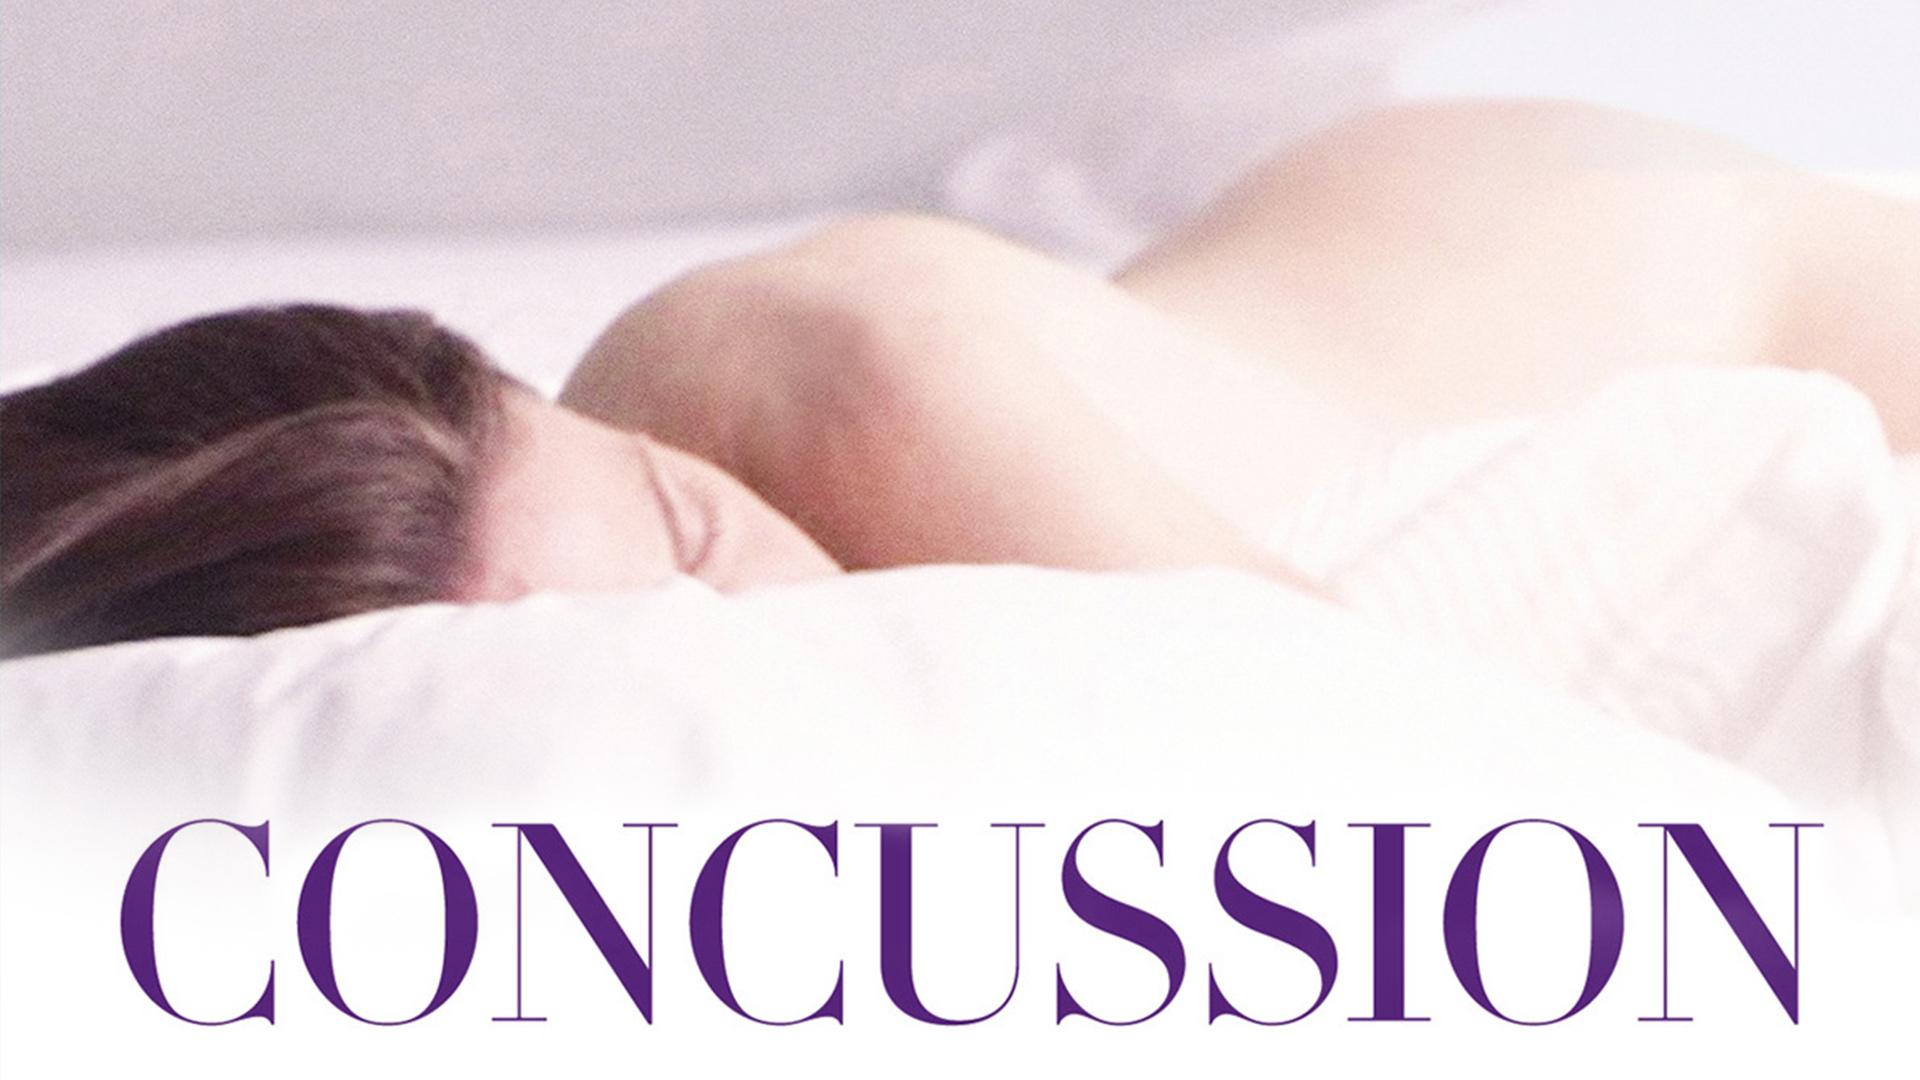 Concussion [OV/OmU]